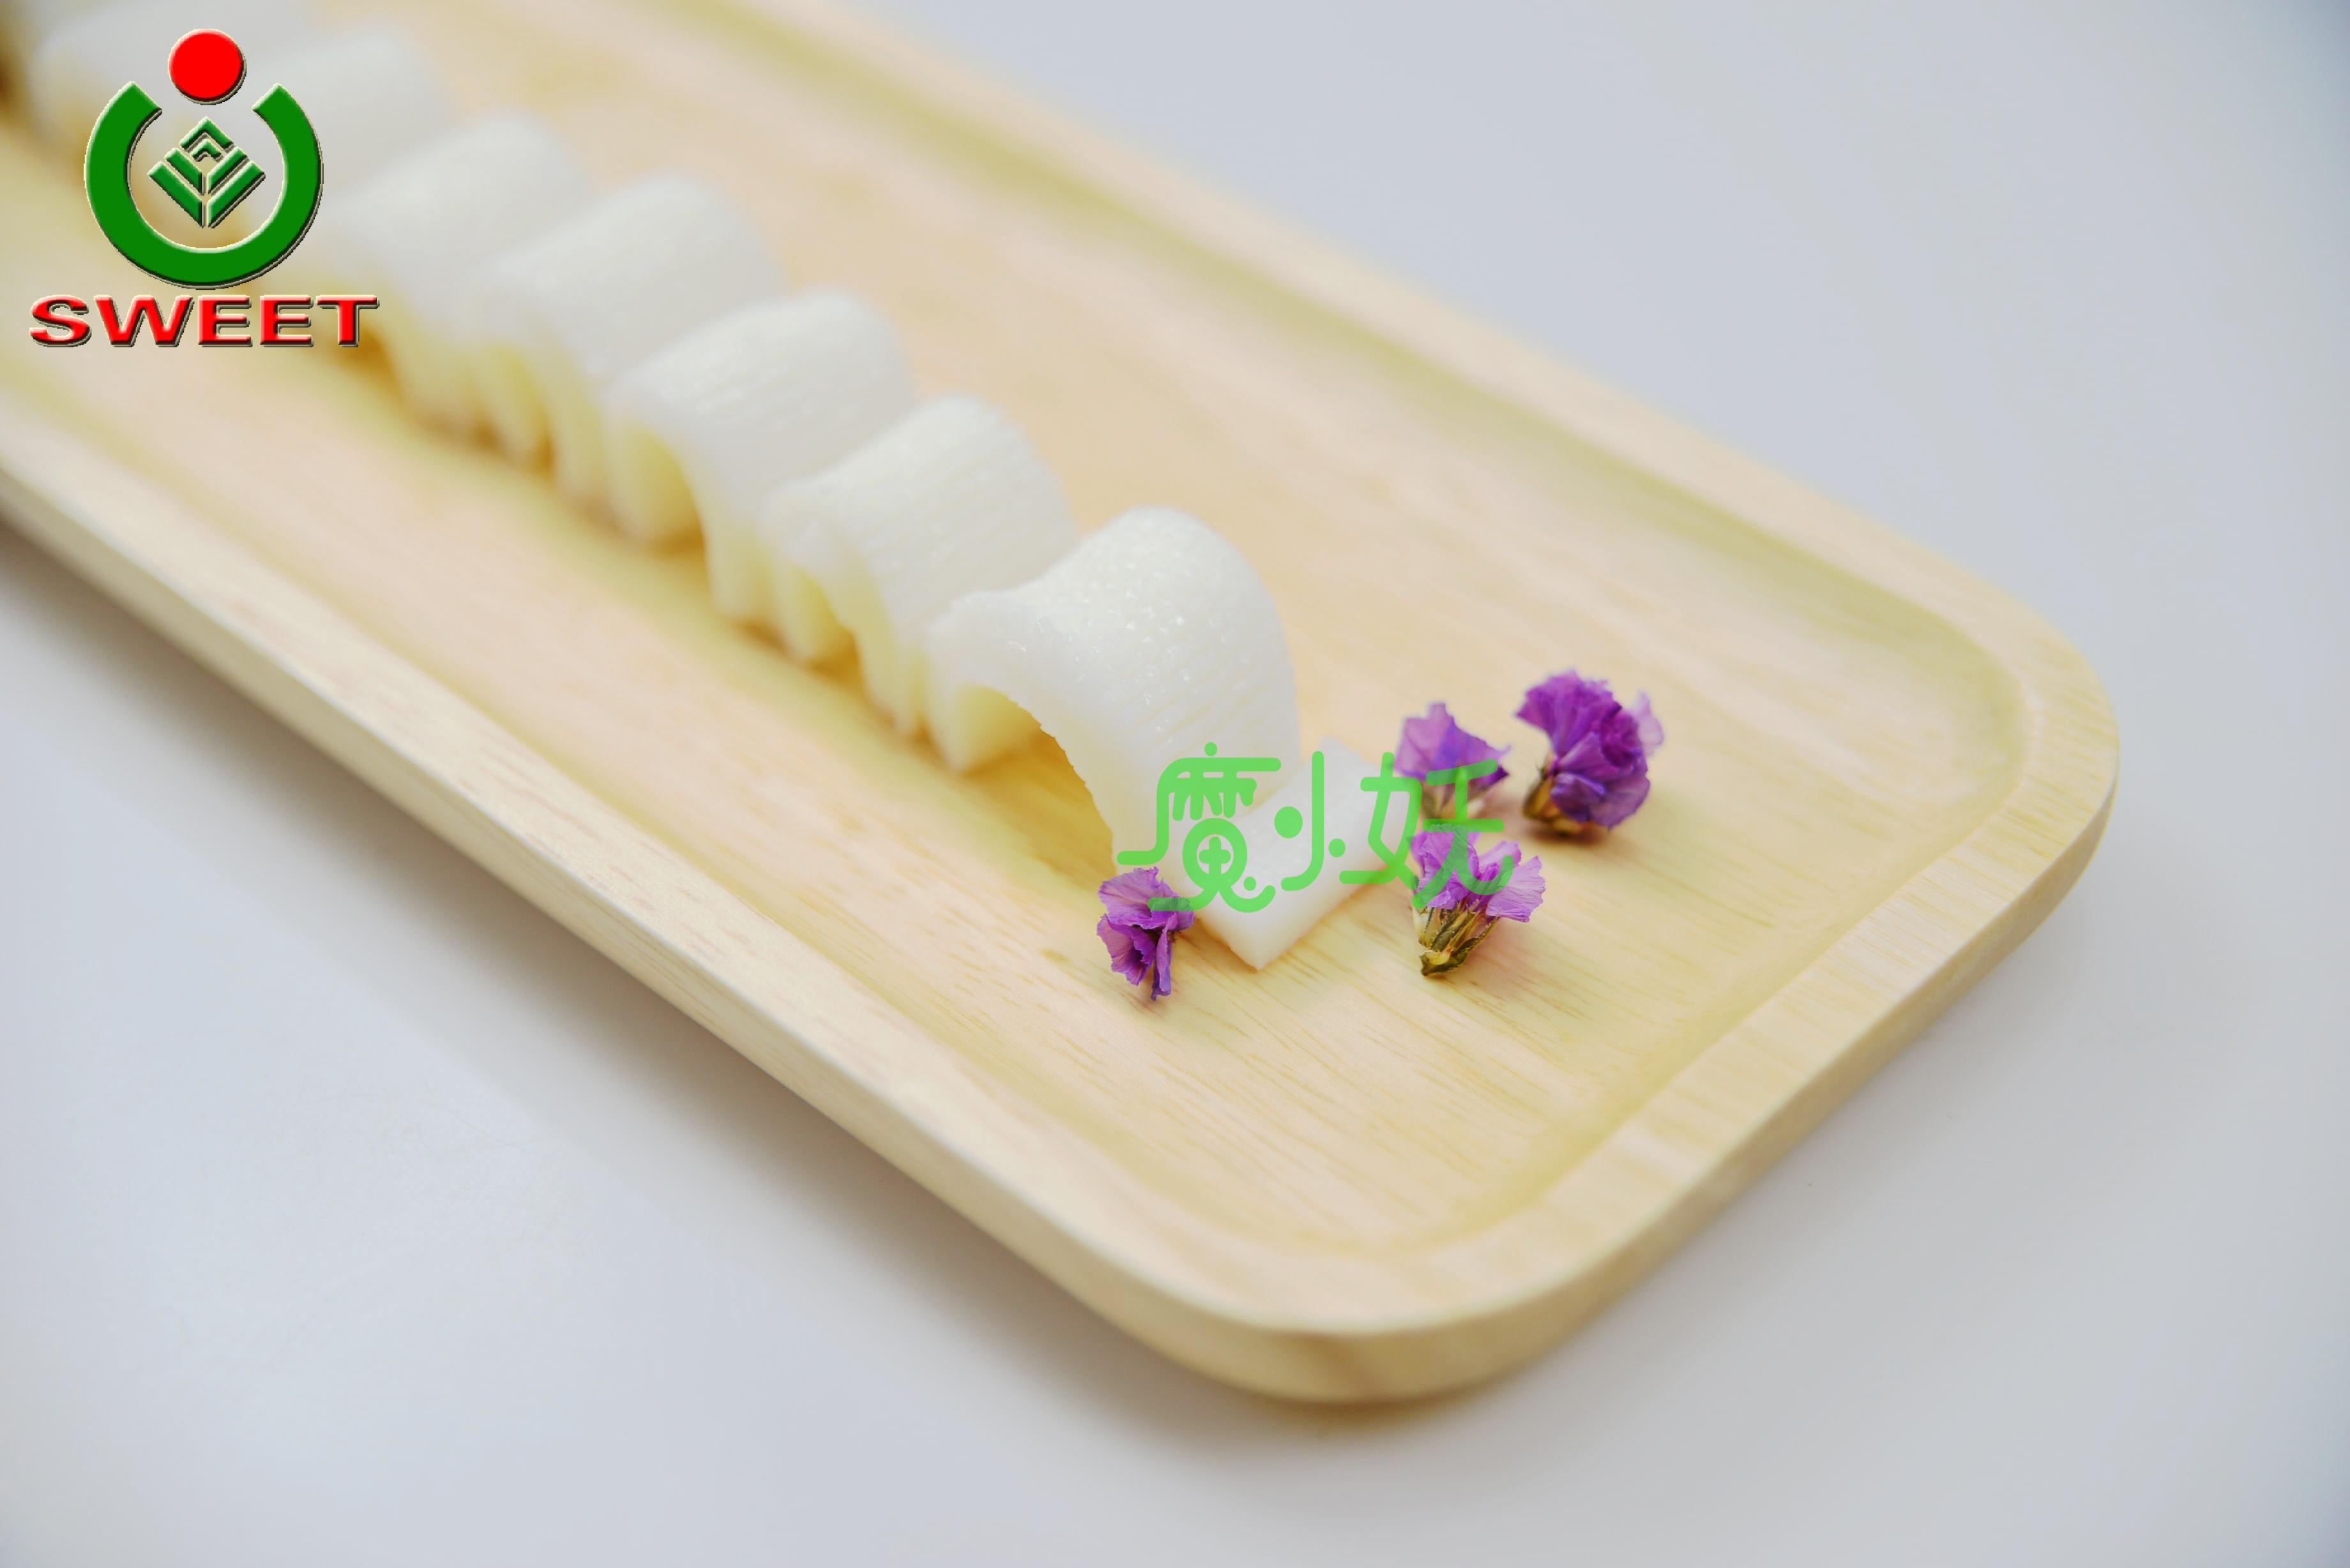 魔芋系列产品